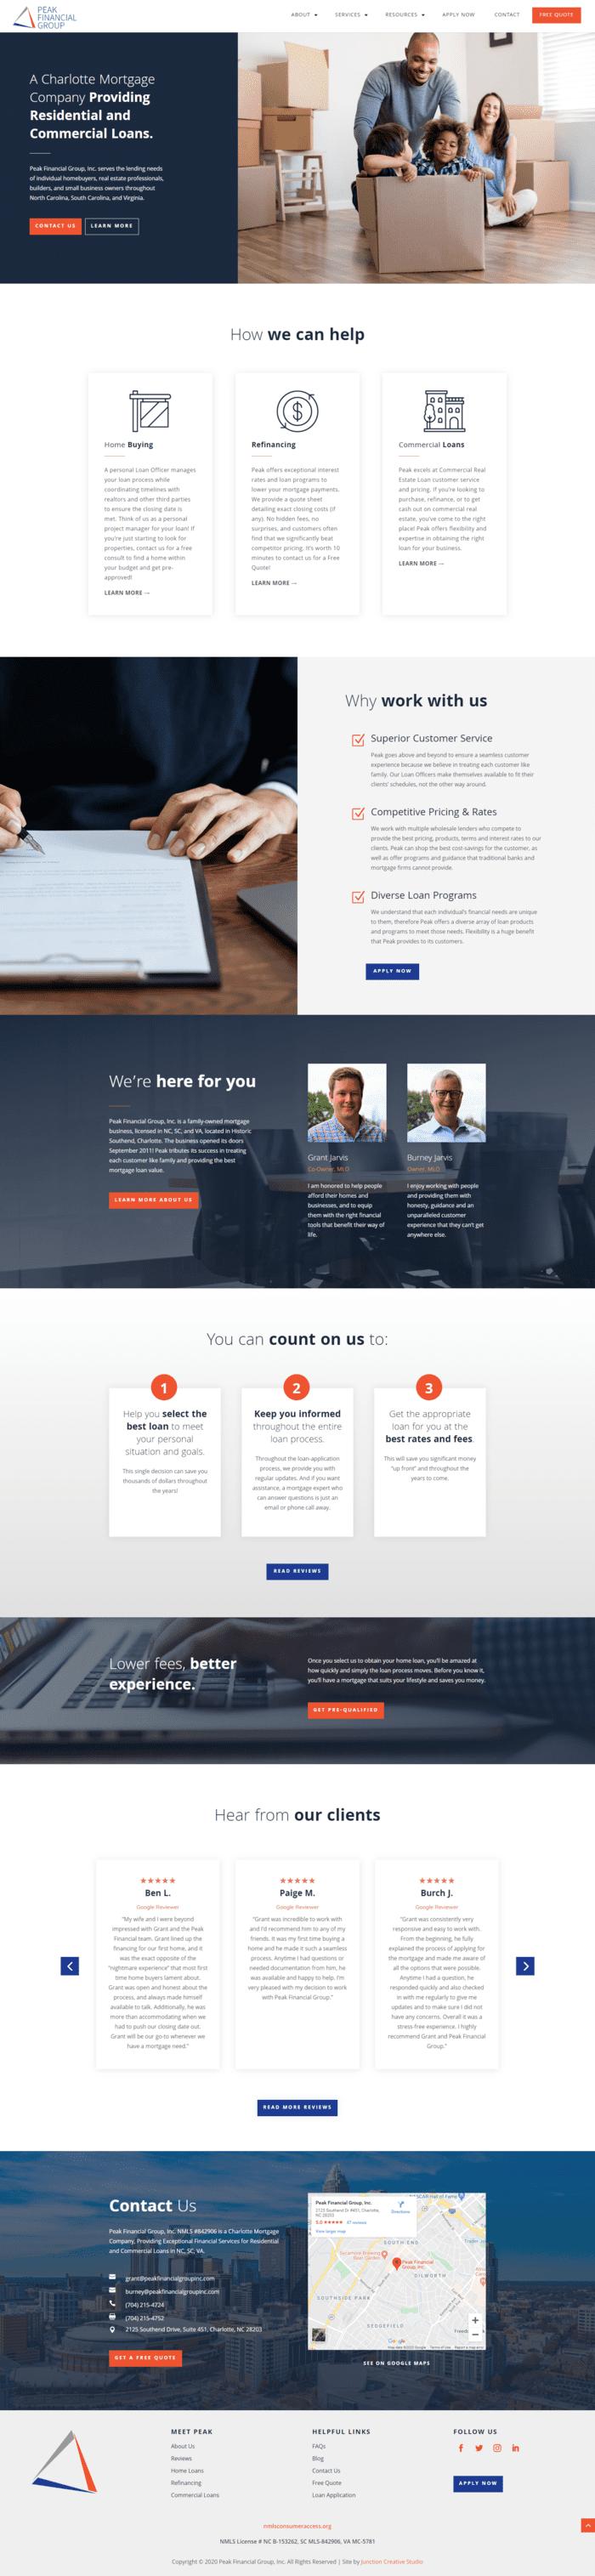 Peak Financial Group, Inc. Homepage Design